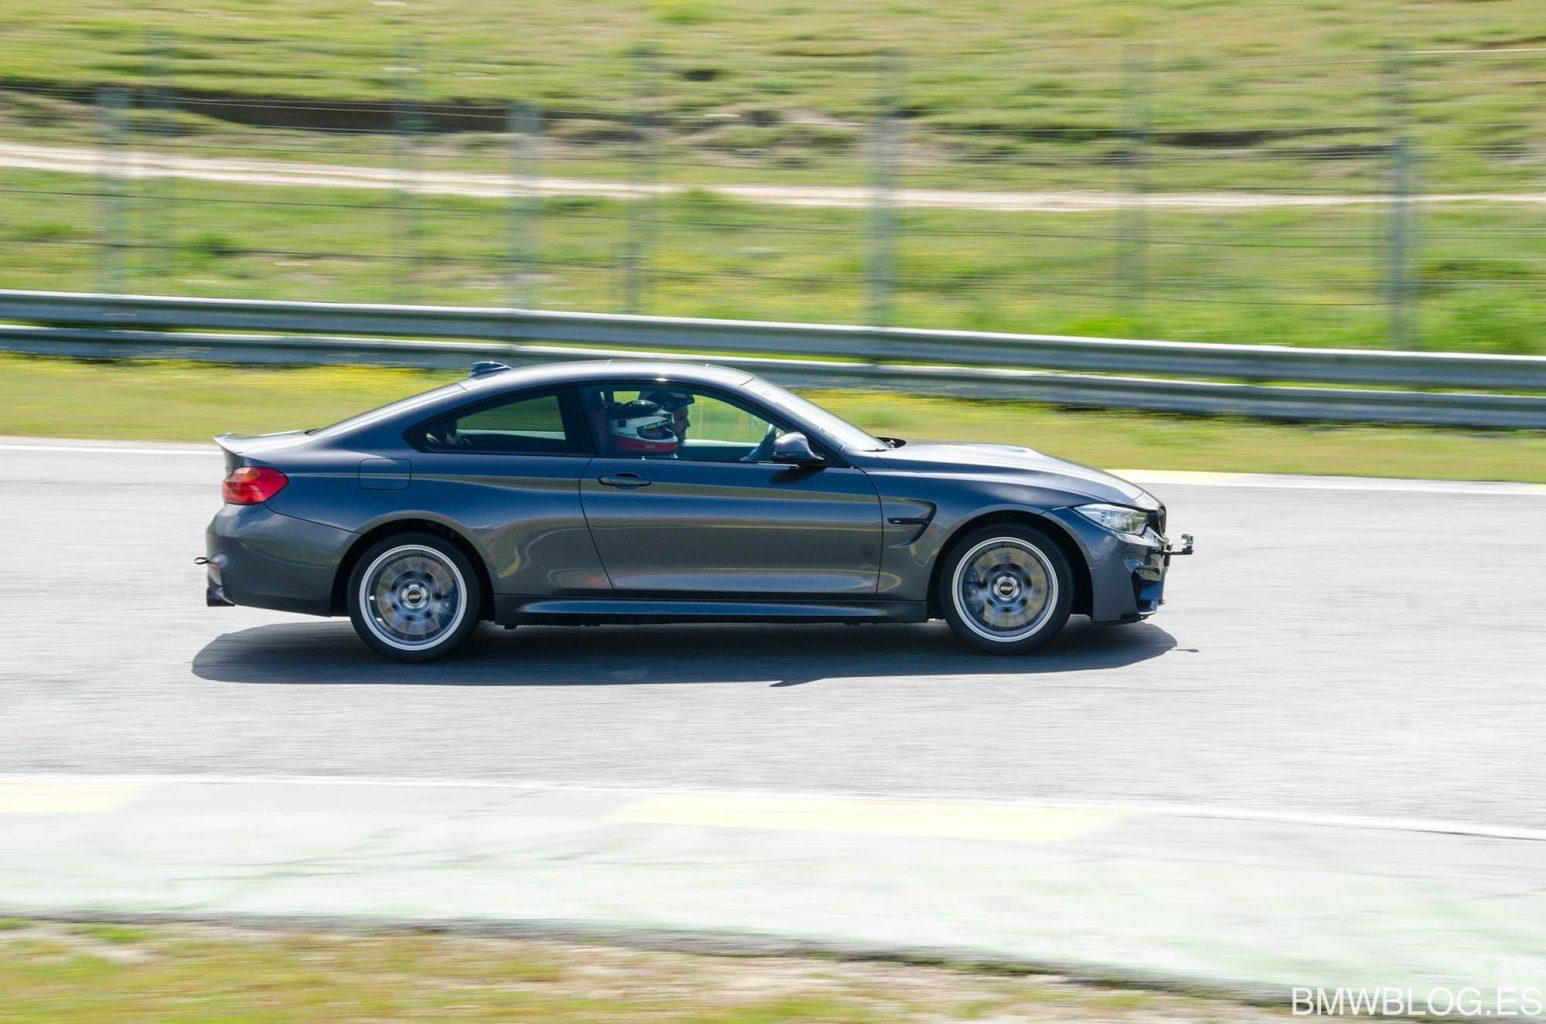 Barrido-BMW-10